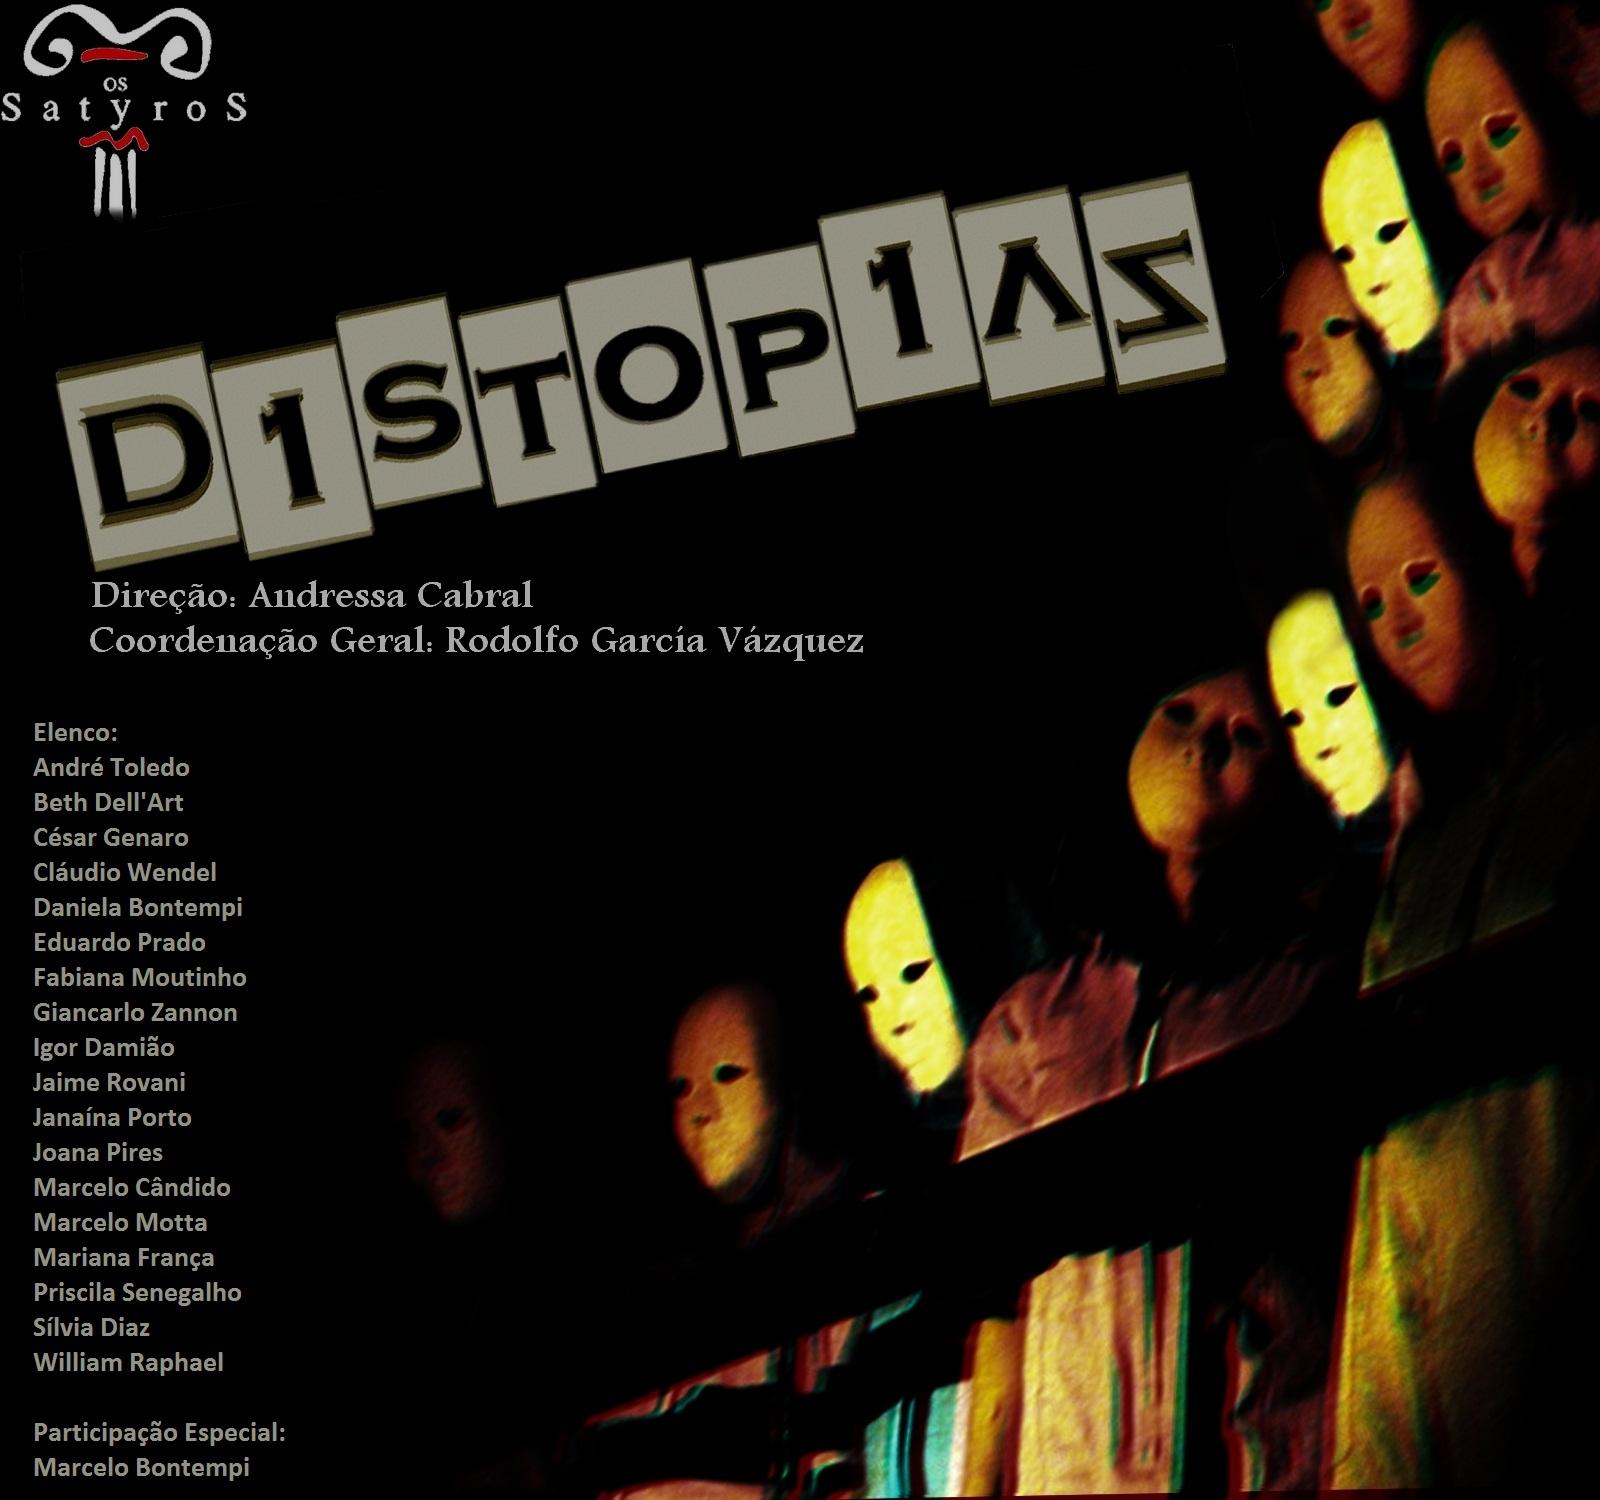 Distopias2012